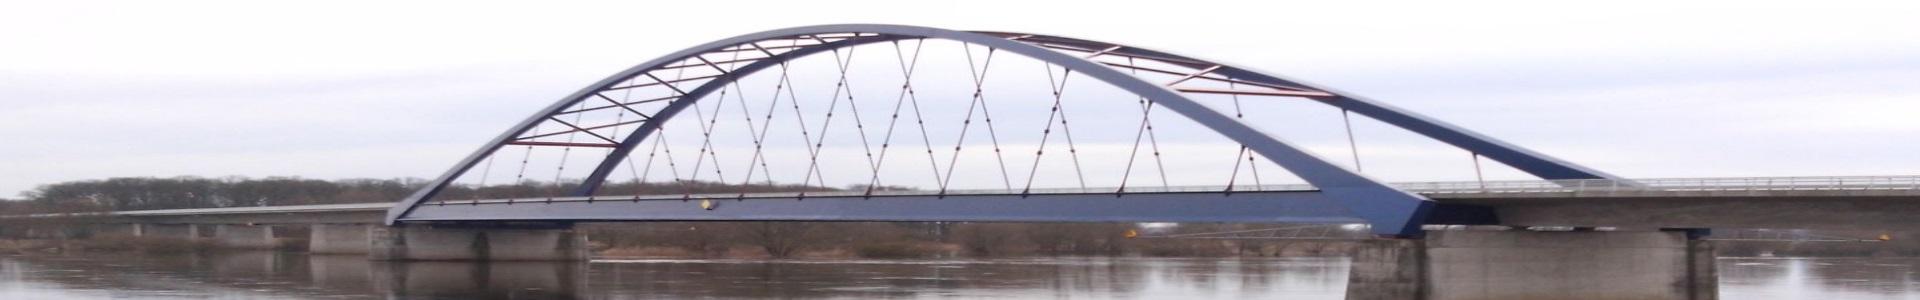 Sliderbild Elbstraßenbrücke_Jörg Reichel